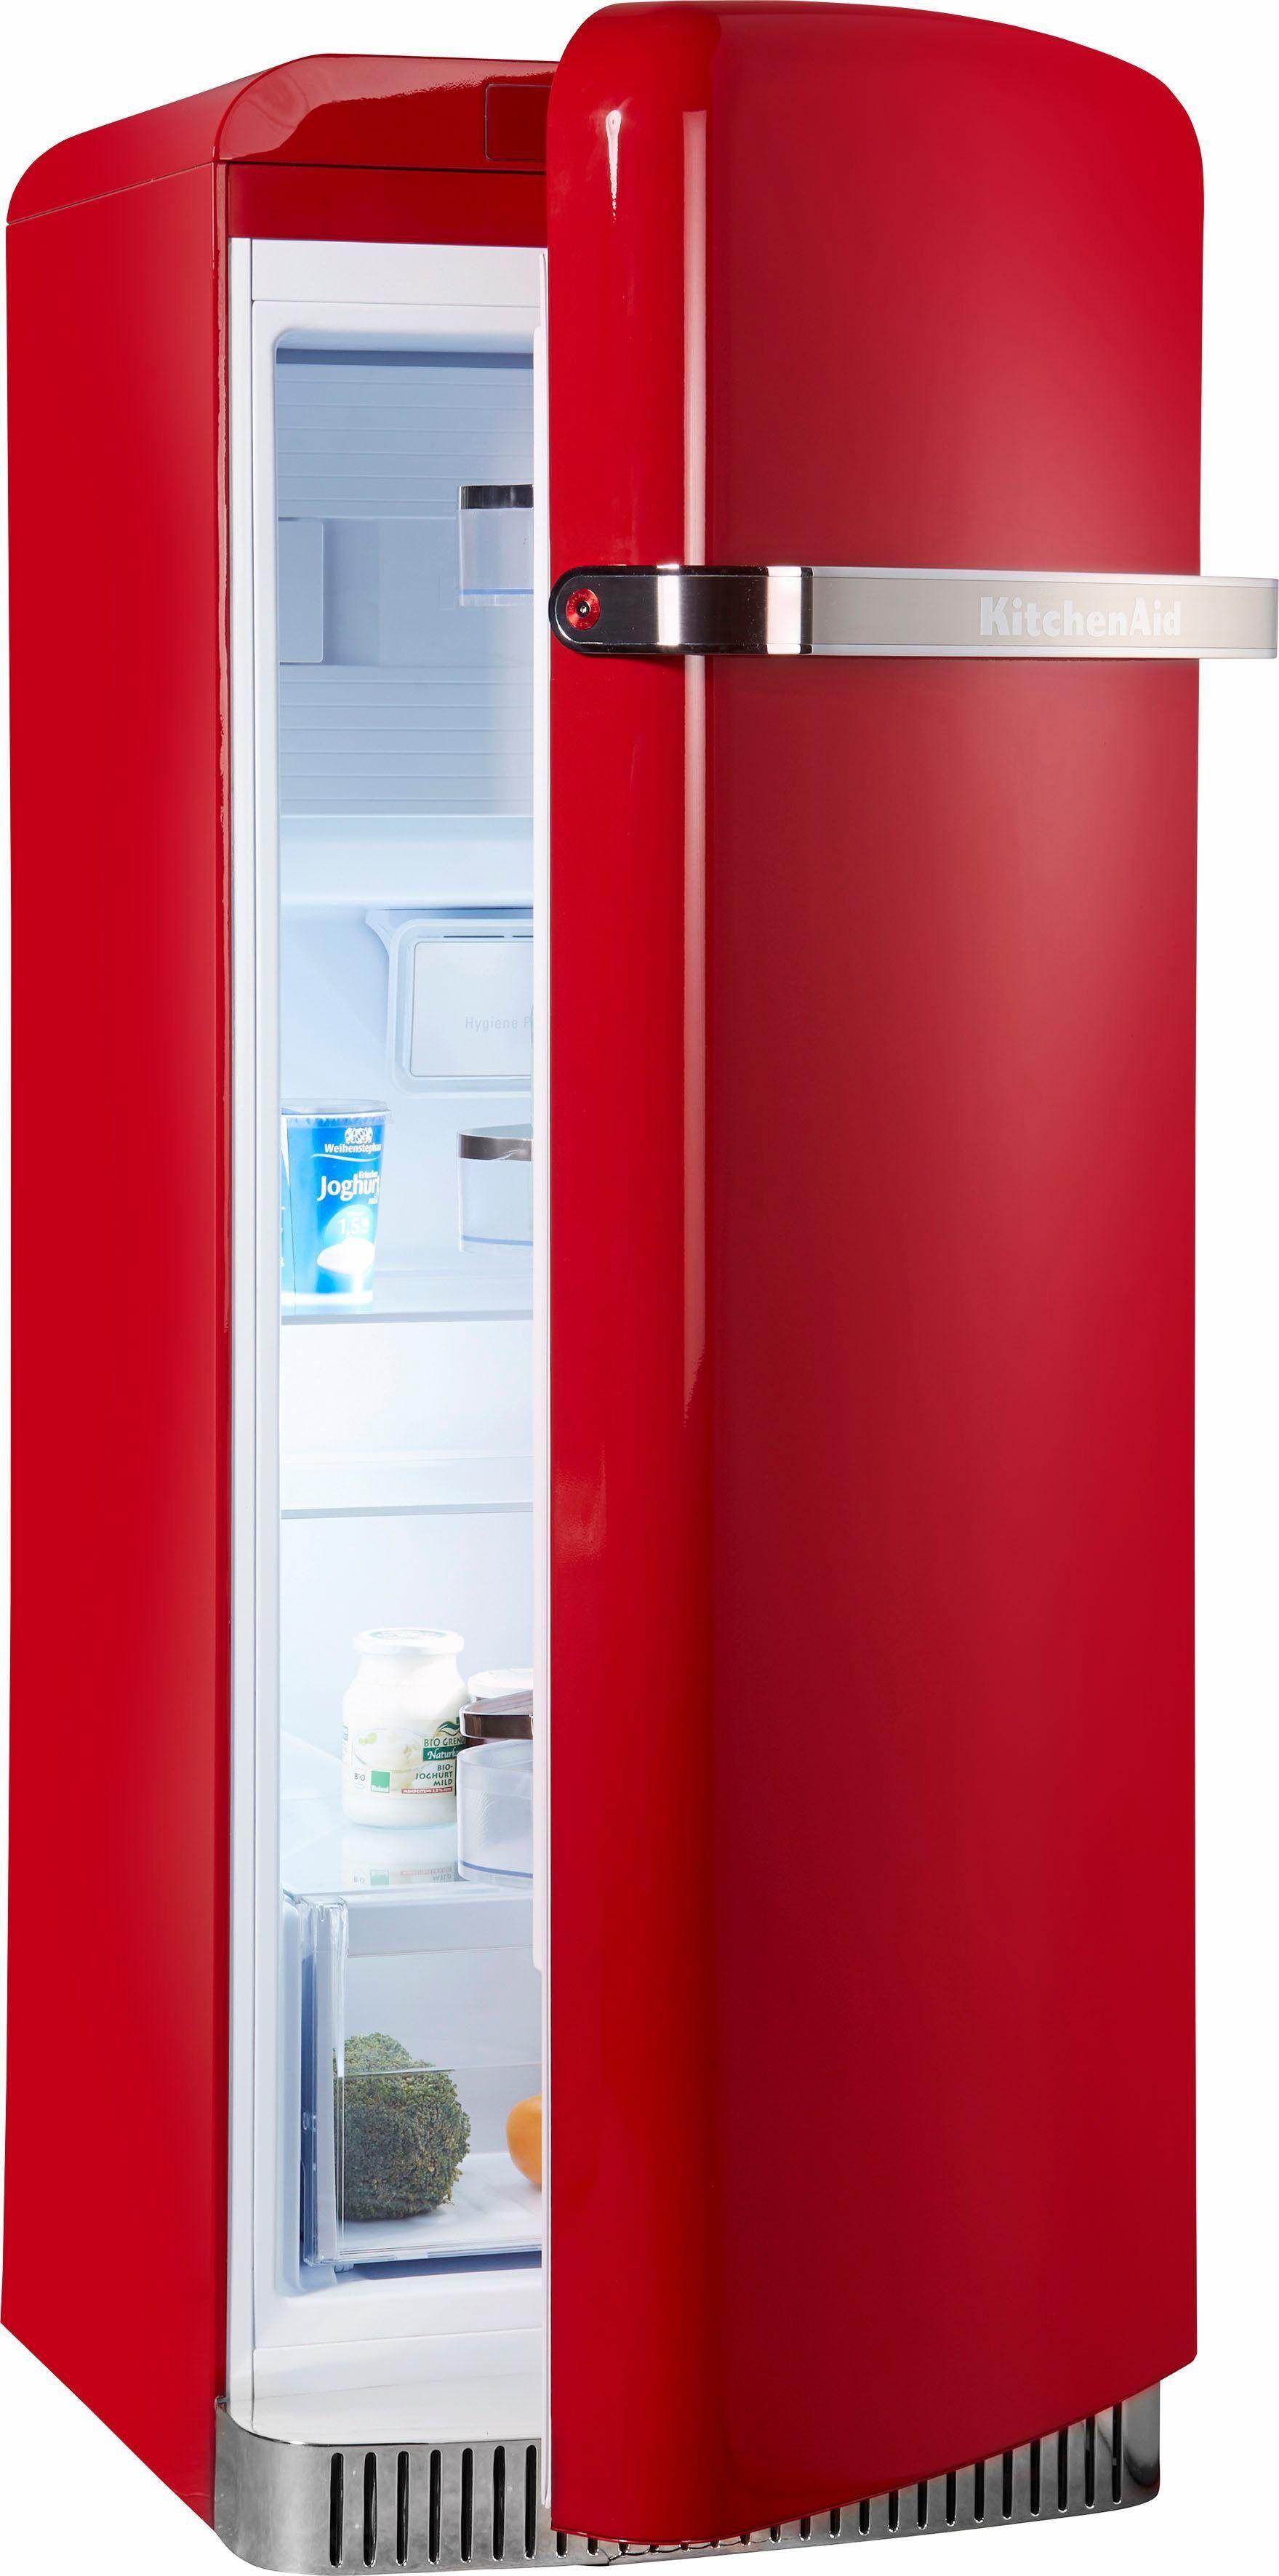 KitchenAid Kühlschrank KCFME 60150R, 155,5 cm hoch, 60,8 cm breit, 155,5 cm hoch, Retro, rot, Energieeffizienzklasse A++